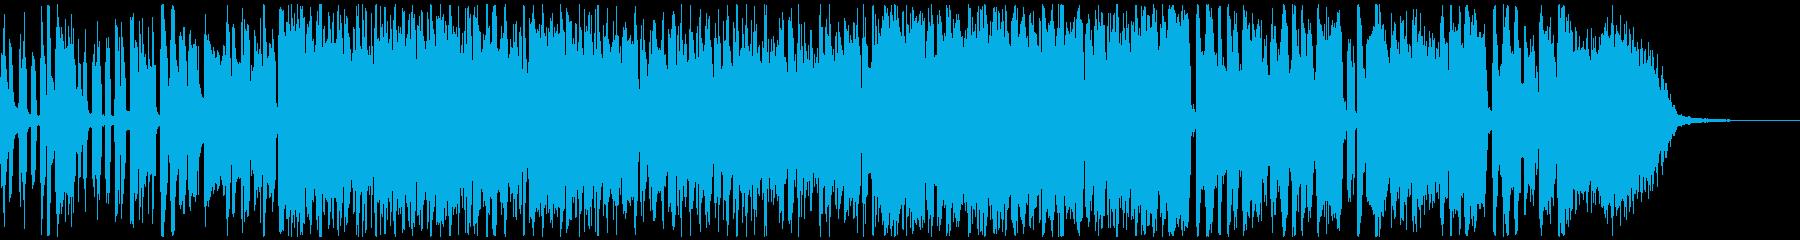 へんてこファンキージャズブルースの再生済みの波形